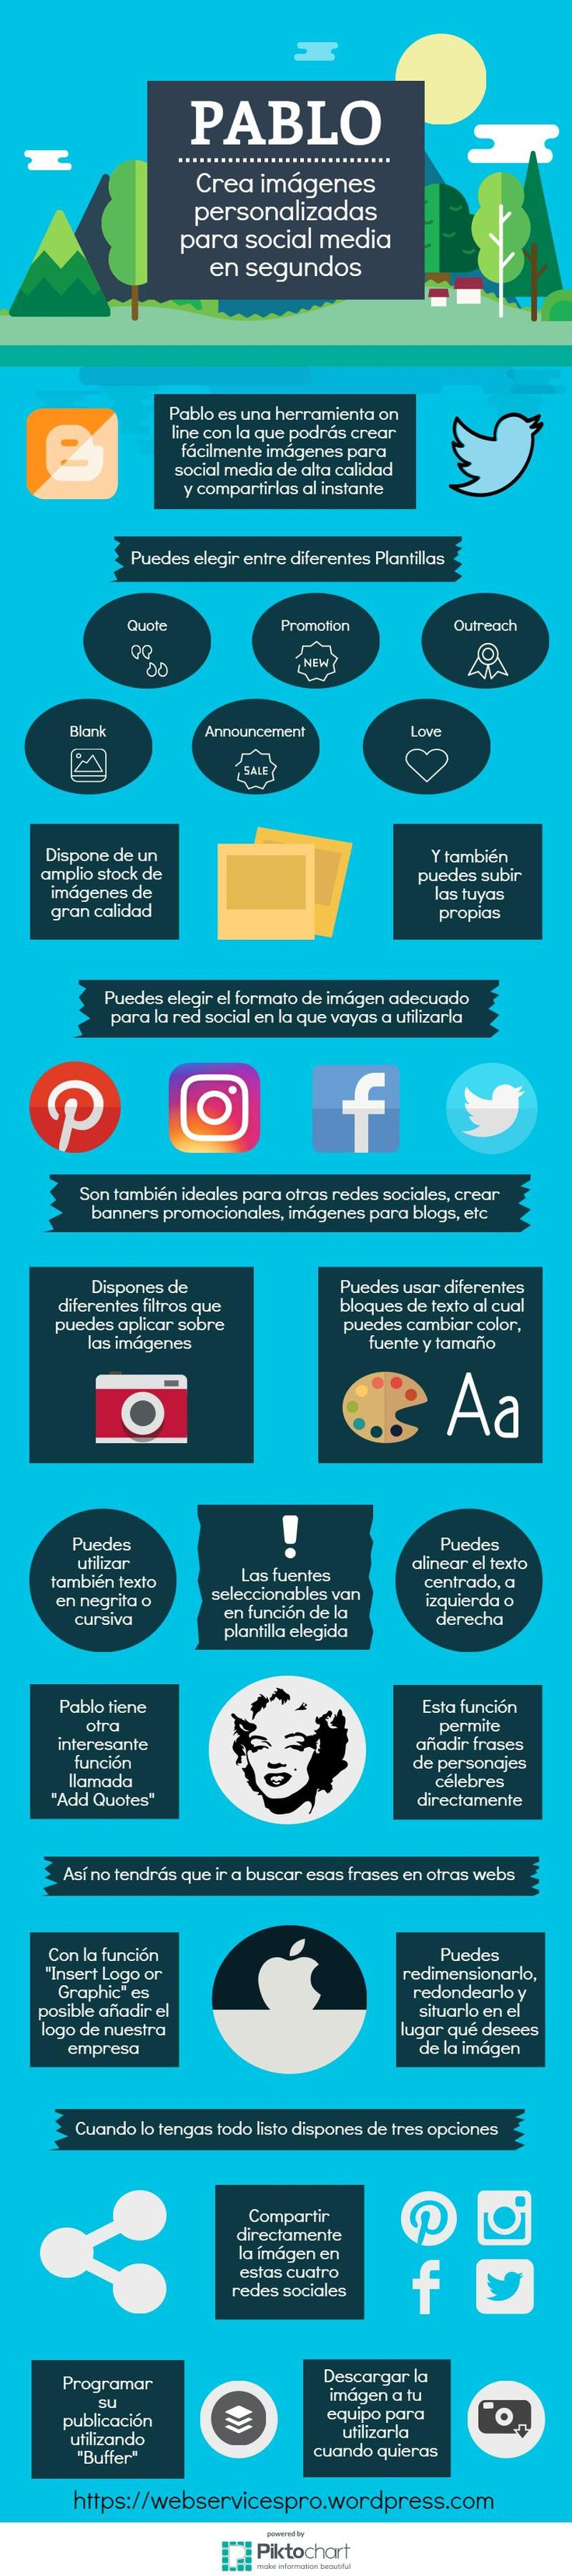 pablo-crea-imagenes-personalizadas-para-social-media-en-segundos #CrearImágenes #Pablo